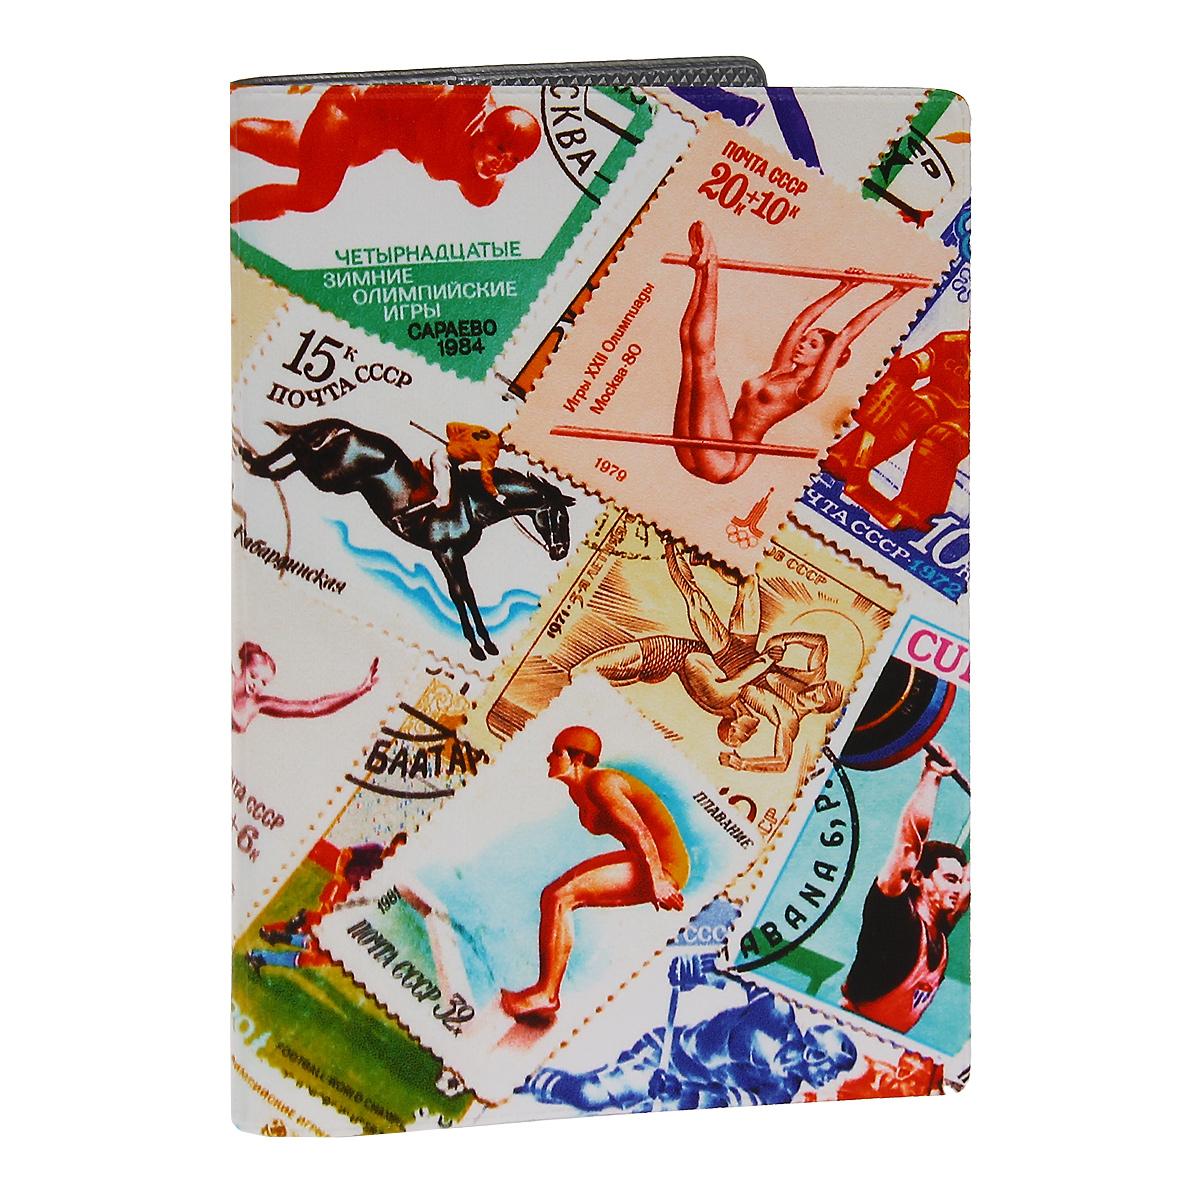 Обложка для автодокументов Спорт (марки) 2. AUTOZAM281AUTOZAM281Обложка для автодокументов Mitya Veselkov Спорт. Марки - 2 изготовлена из прочного ПВХ и оформлена изображениями почтовых марок со спортивной тематикой. На внутреннем развороте имеются съемный блок из шести прозрачных файлов из мягкого пластика для водительских документов, один из которых формата А5, а также два боковых кармашка для визиток или банковских карт. Стильная обложка не только поможет сохранить внешний вид ваших документов и защитит их от грязи и пыли, но и станет аксессуаром, который подчеркнет вашу яркую индивидуальность.